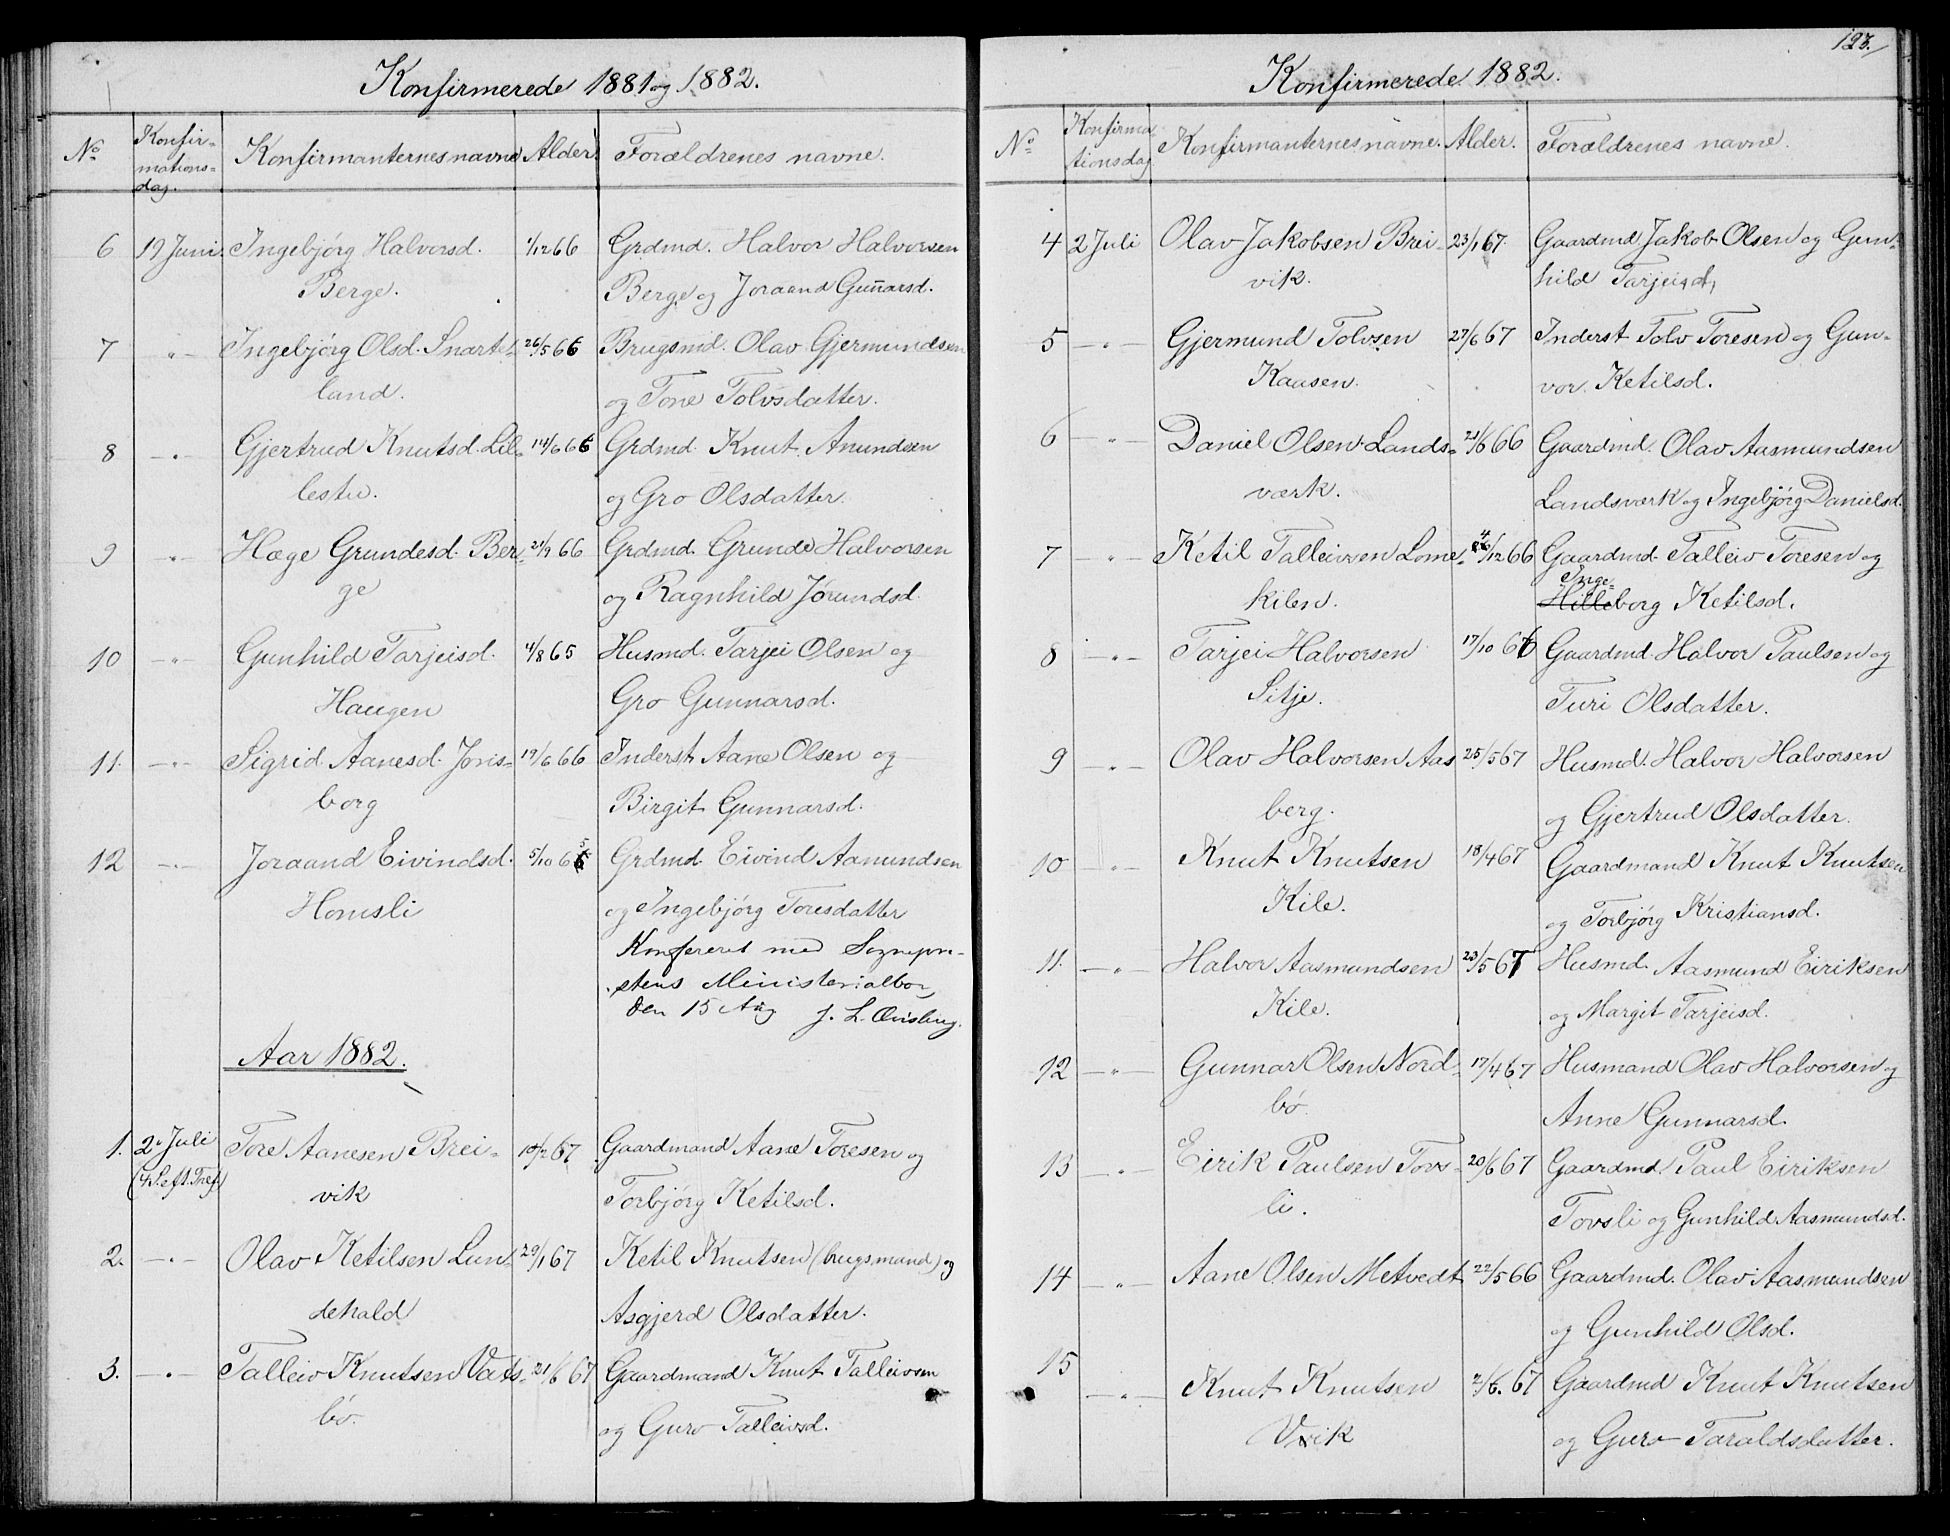 SAKO, Fyresdal kirkebøker, G/Ga/L0004: Klokkerbok nr. I 4, 1864-1892, s. 123